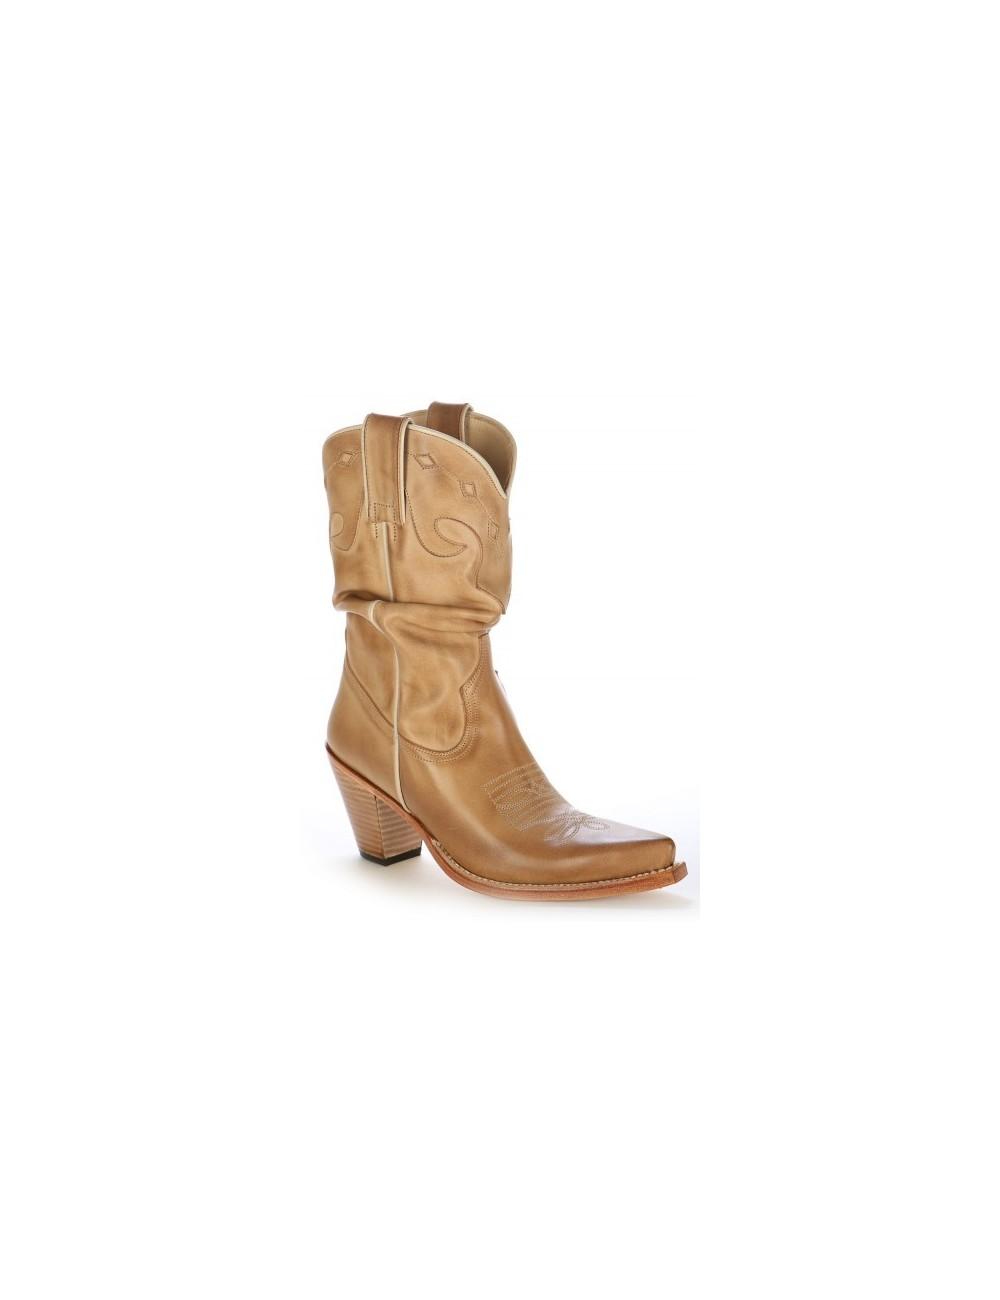 Santiags sur mesure - Santiags femme cuir beige sur mesure